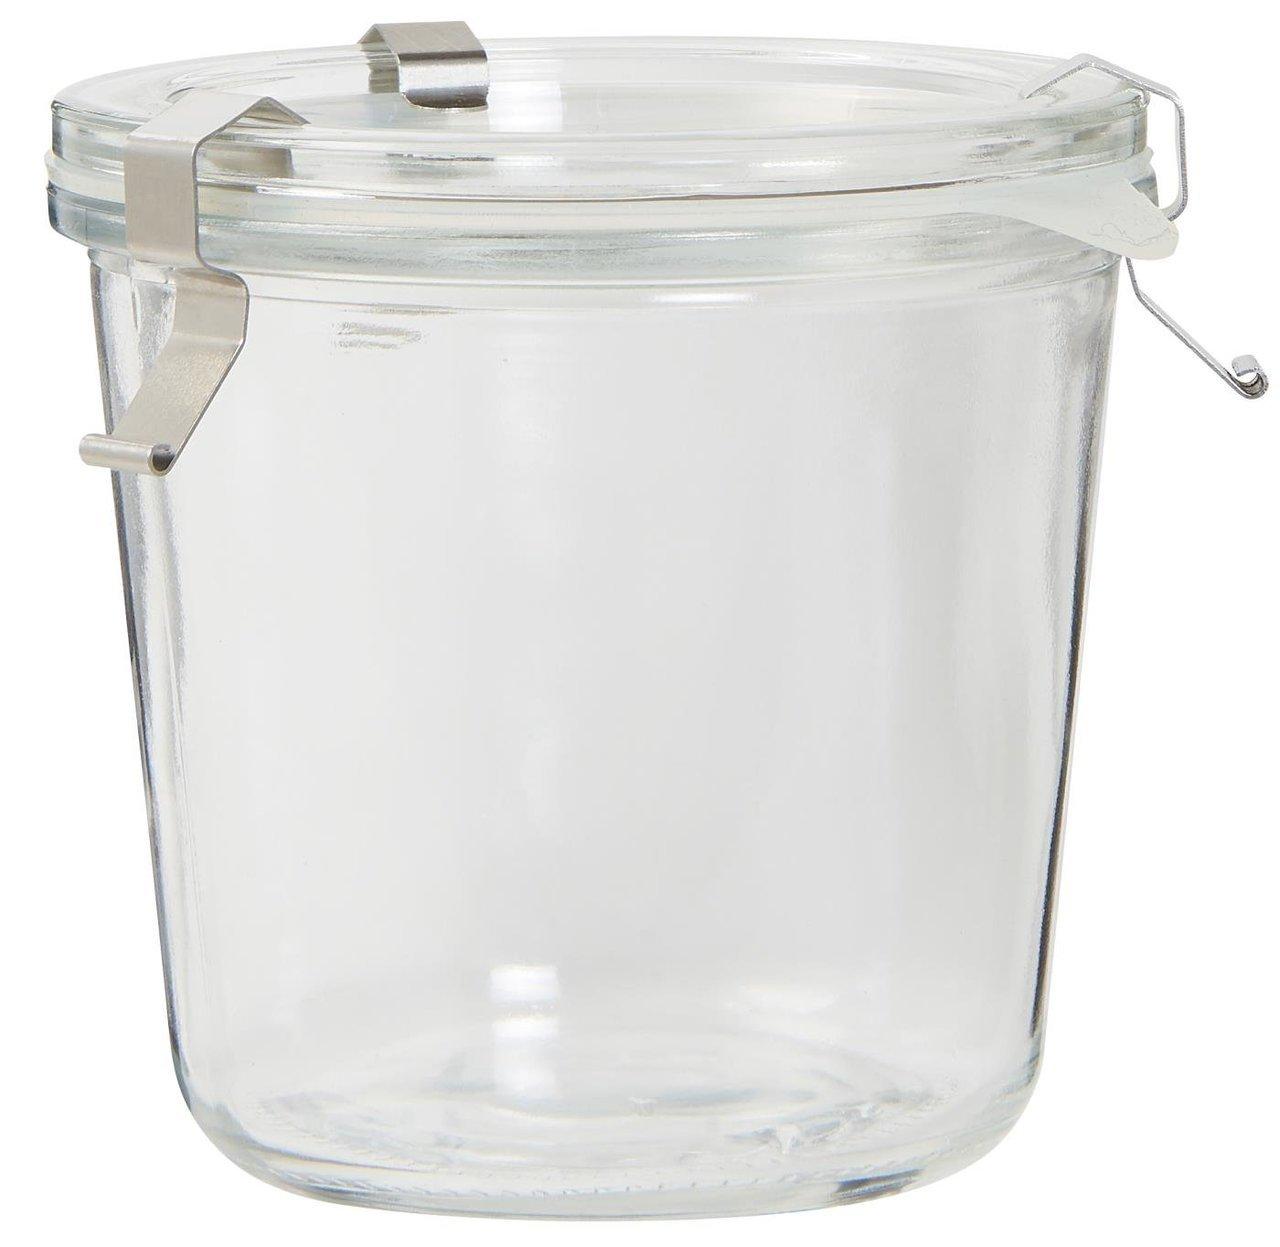 Ib Laursen Marmeladenglas mit Deckel und Clips